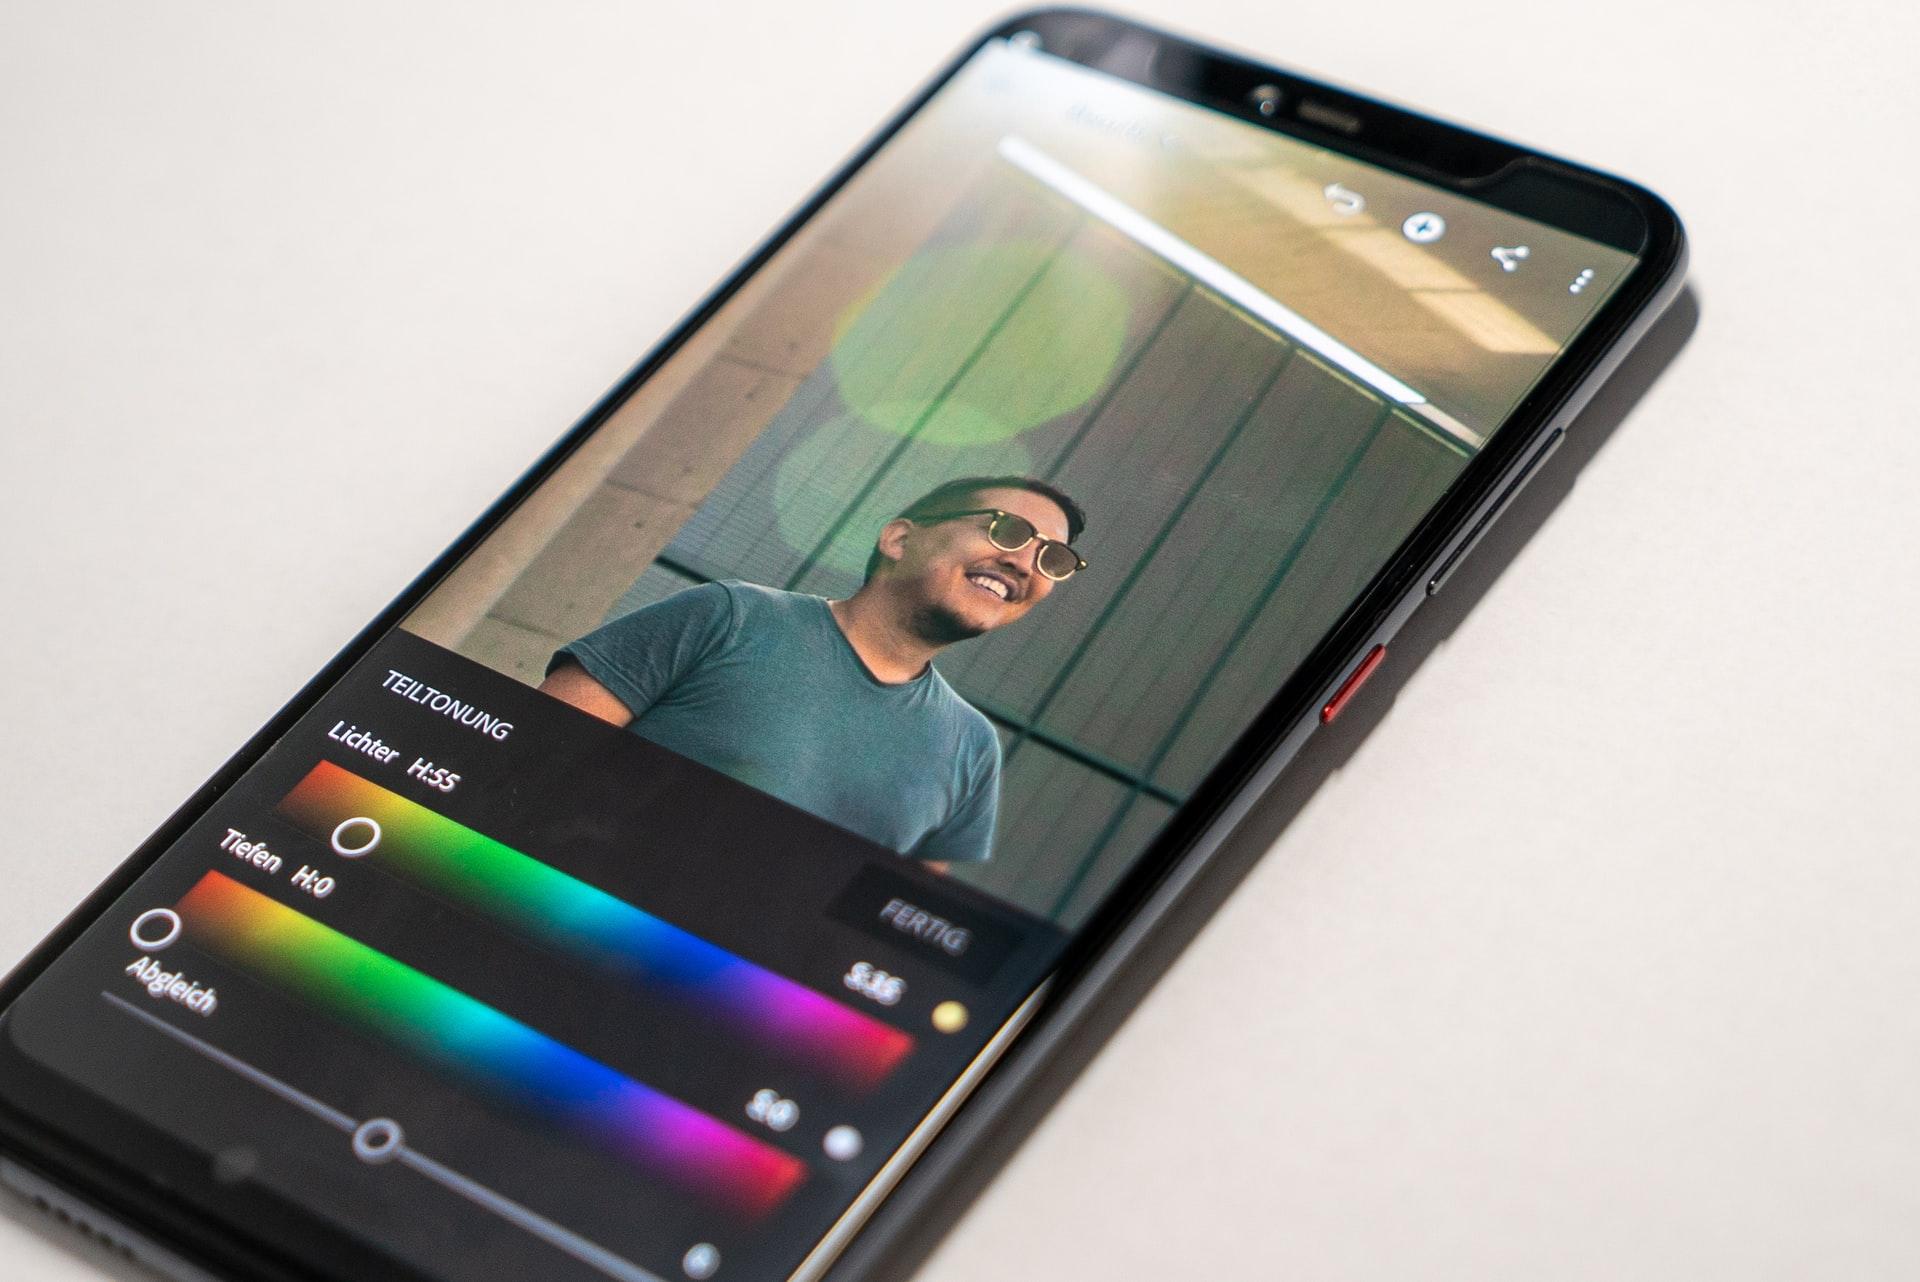 Les meilleures applications de retouche photo sur smartphone Android et iOS